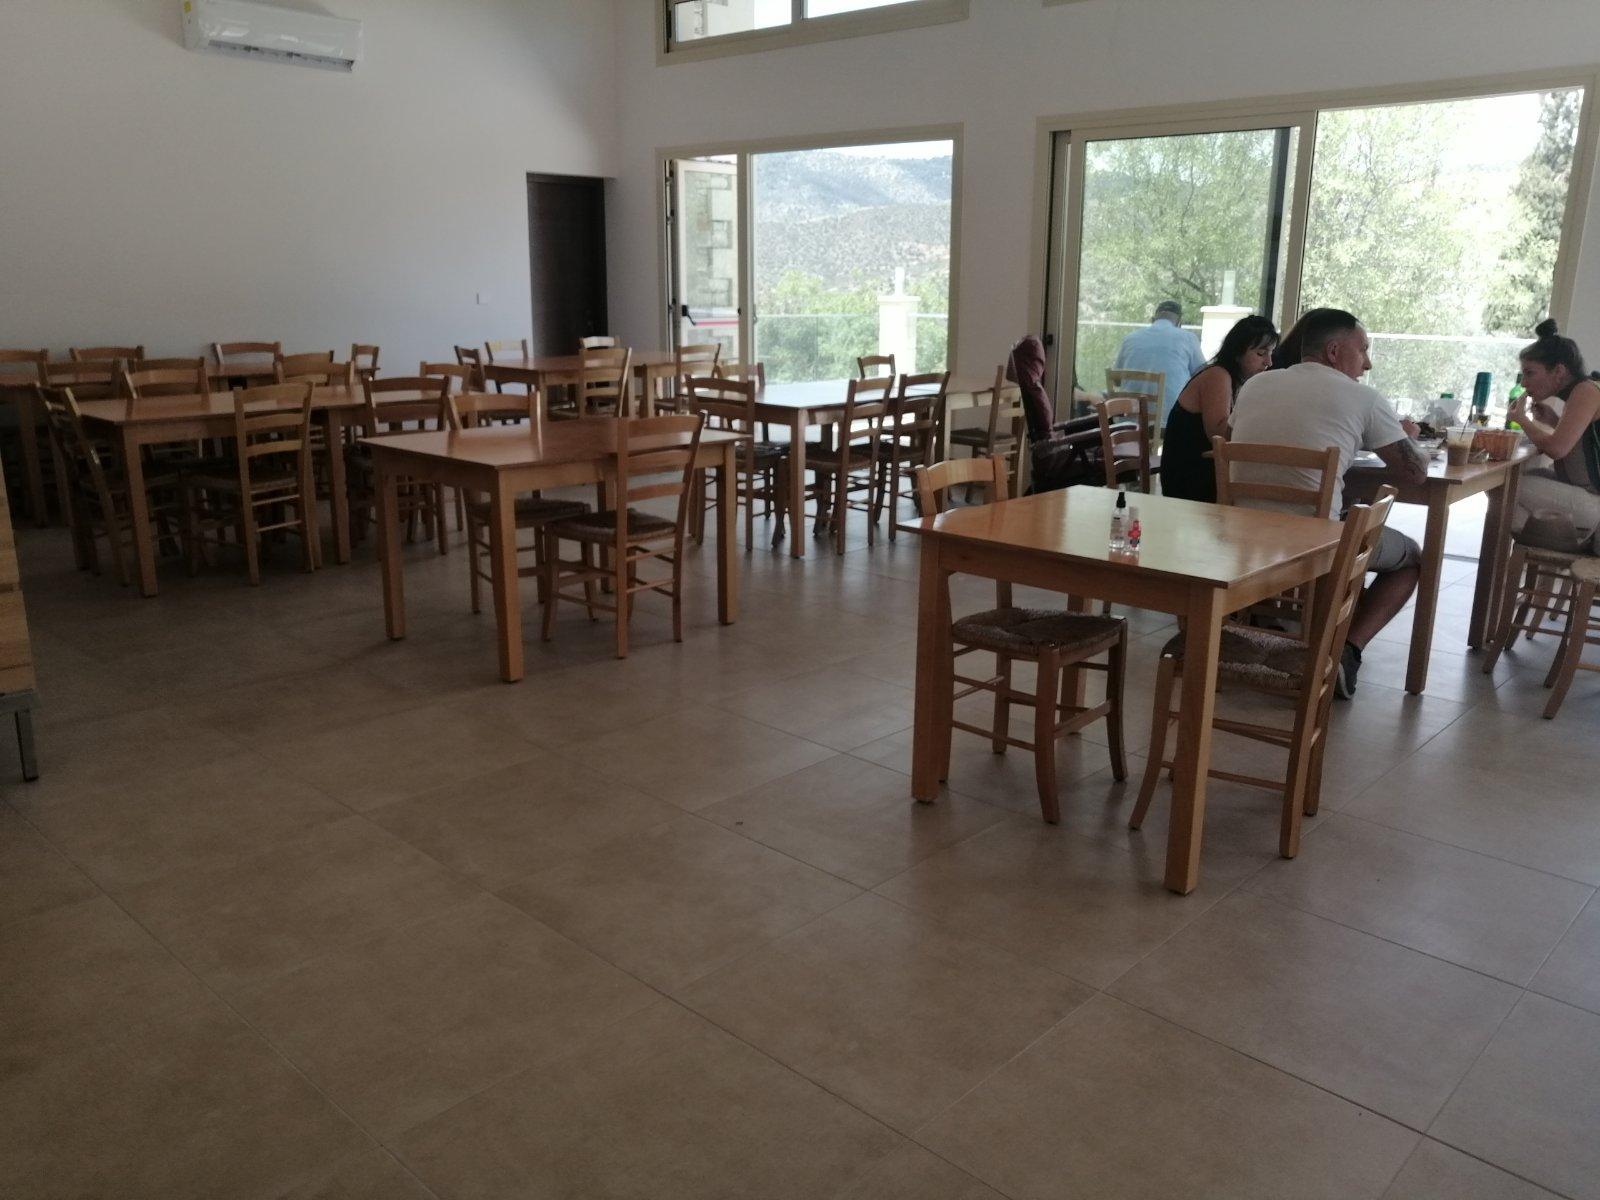 kafestiatorio2